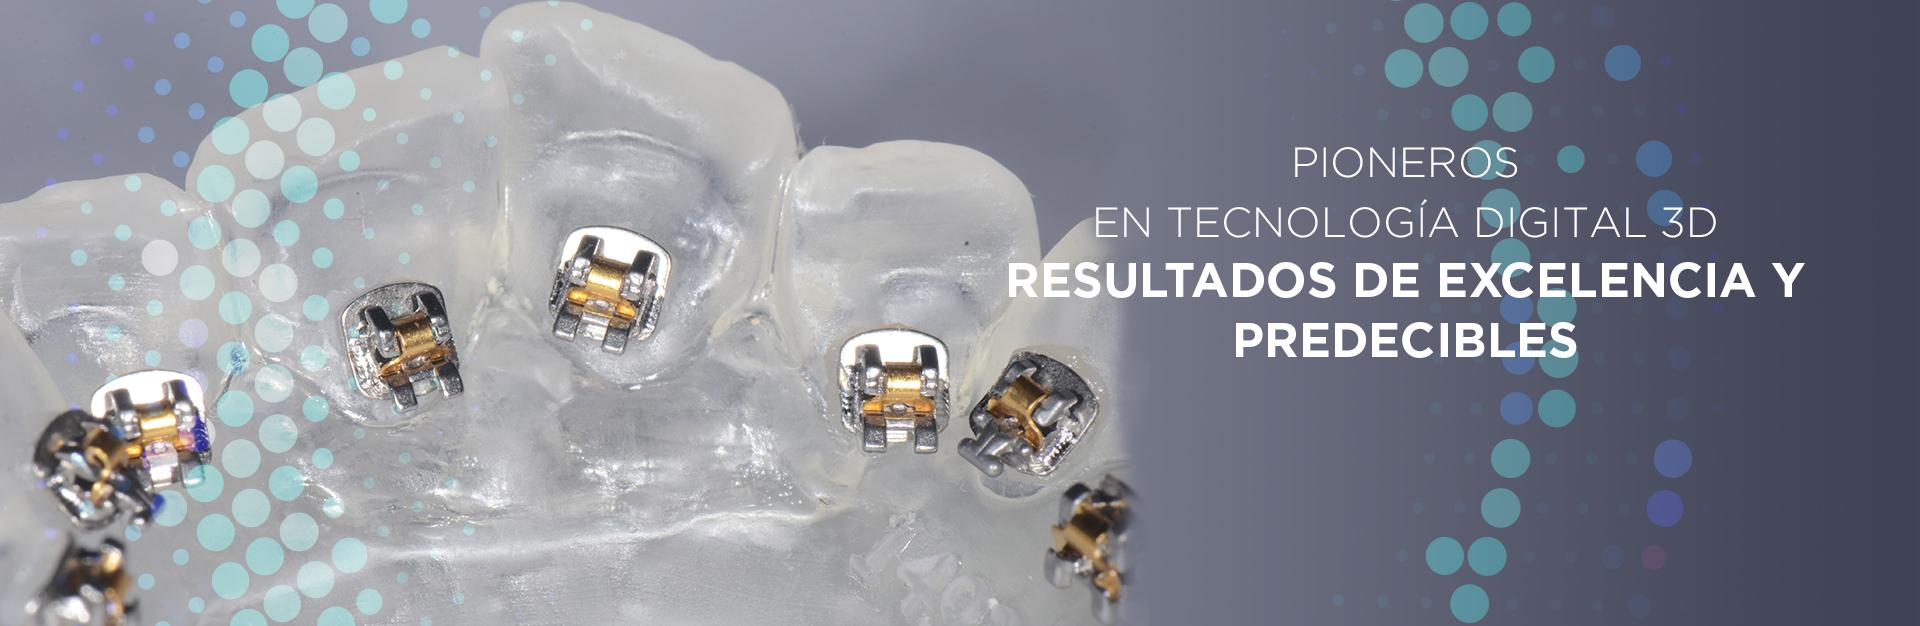 Pioneros en tecnolog�a digital 3D